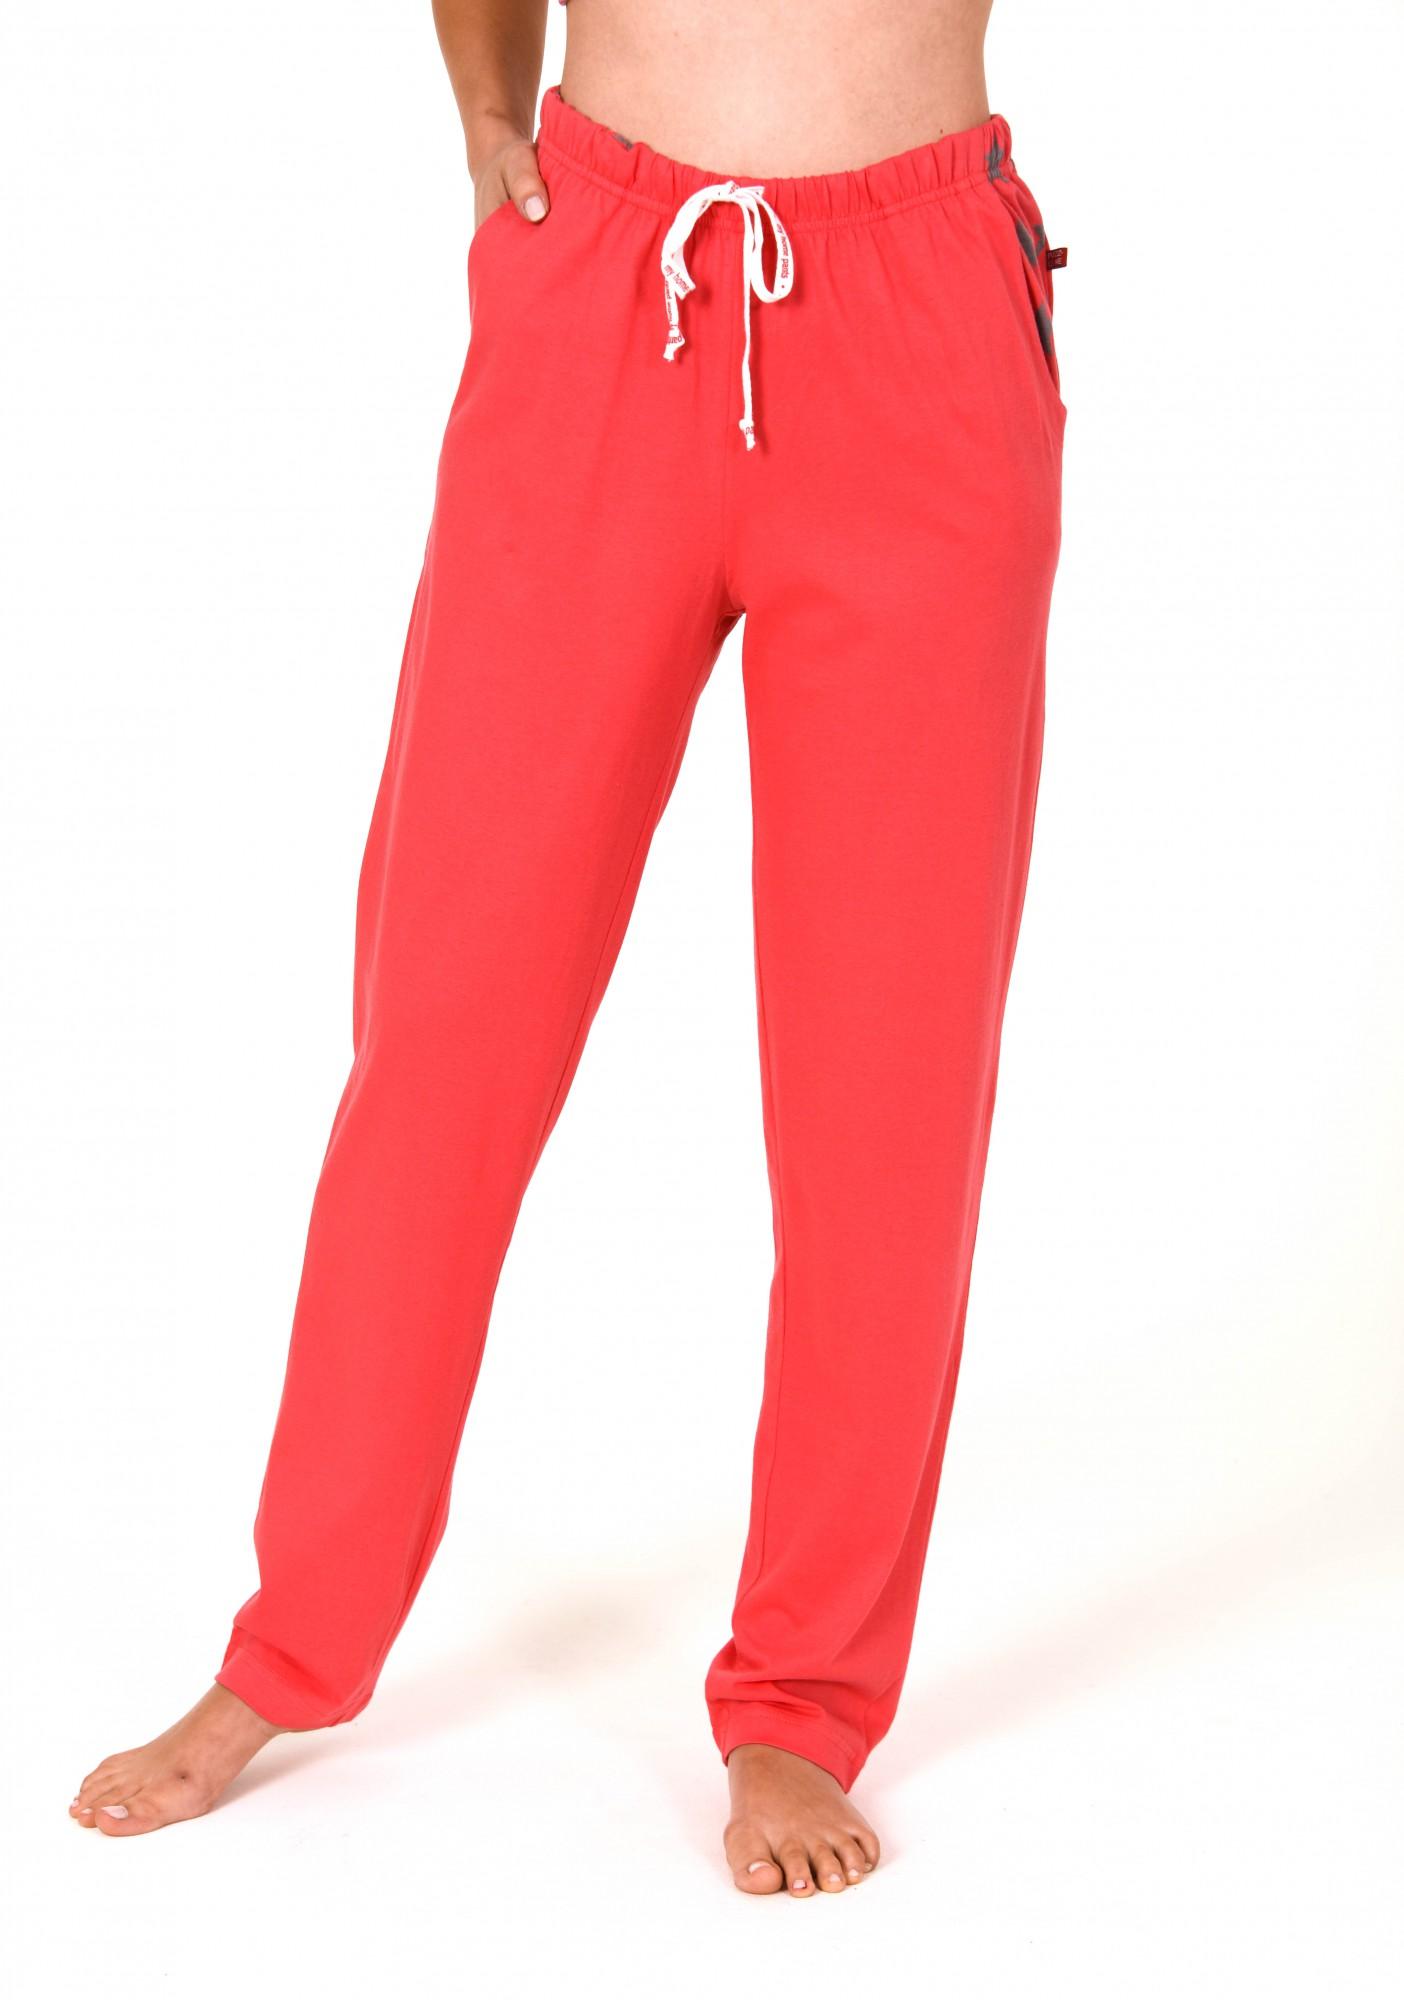 Damen Hose - Mix &  Match - unifarben, ideal zum kombinieren 251 222 90 161